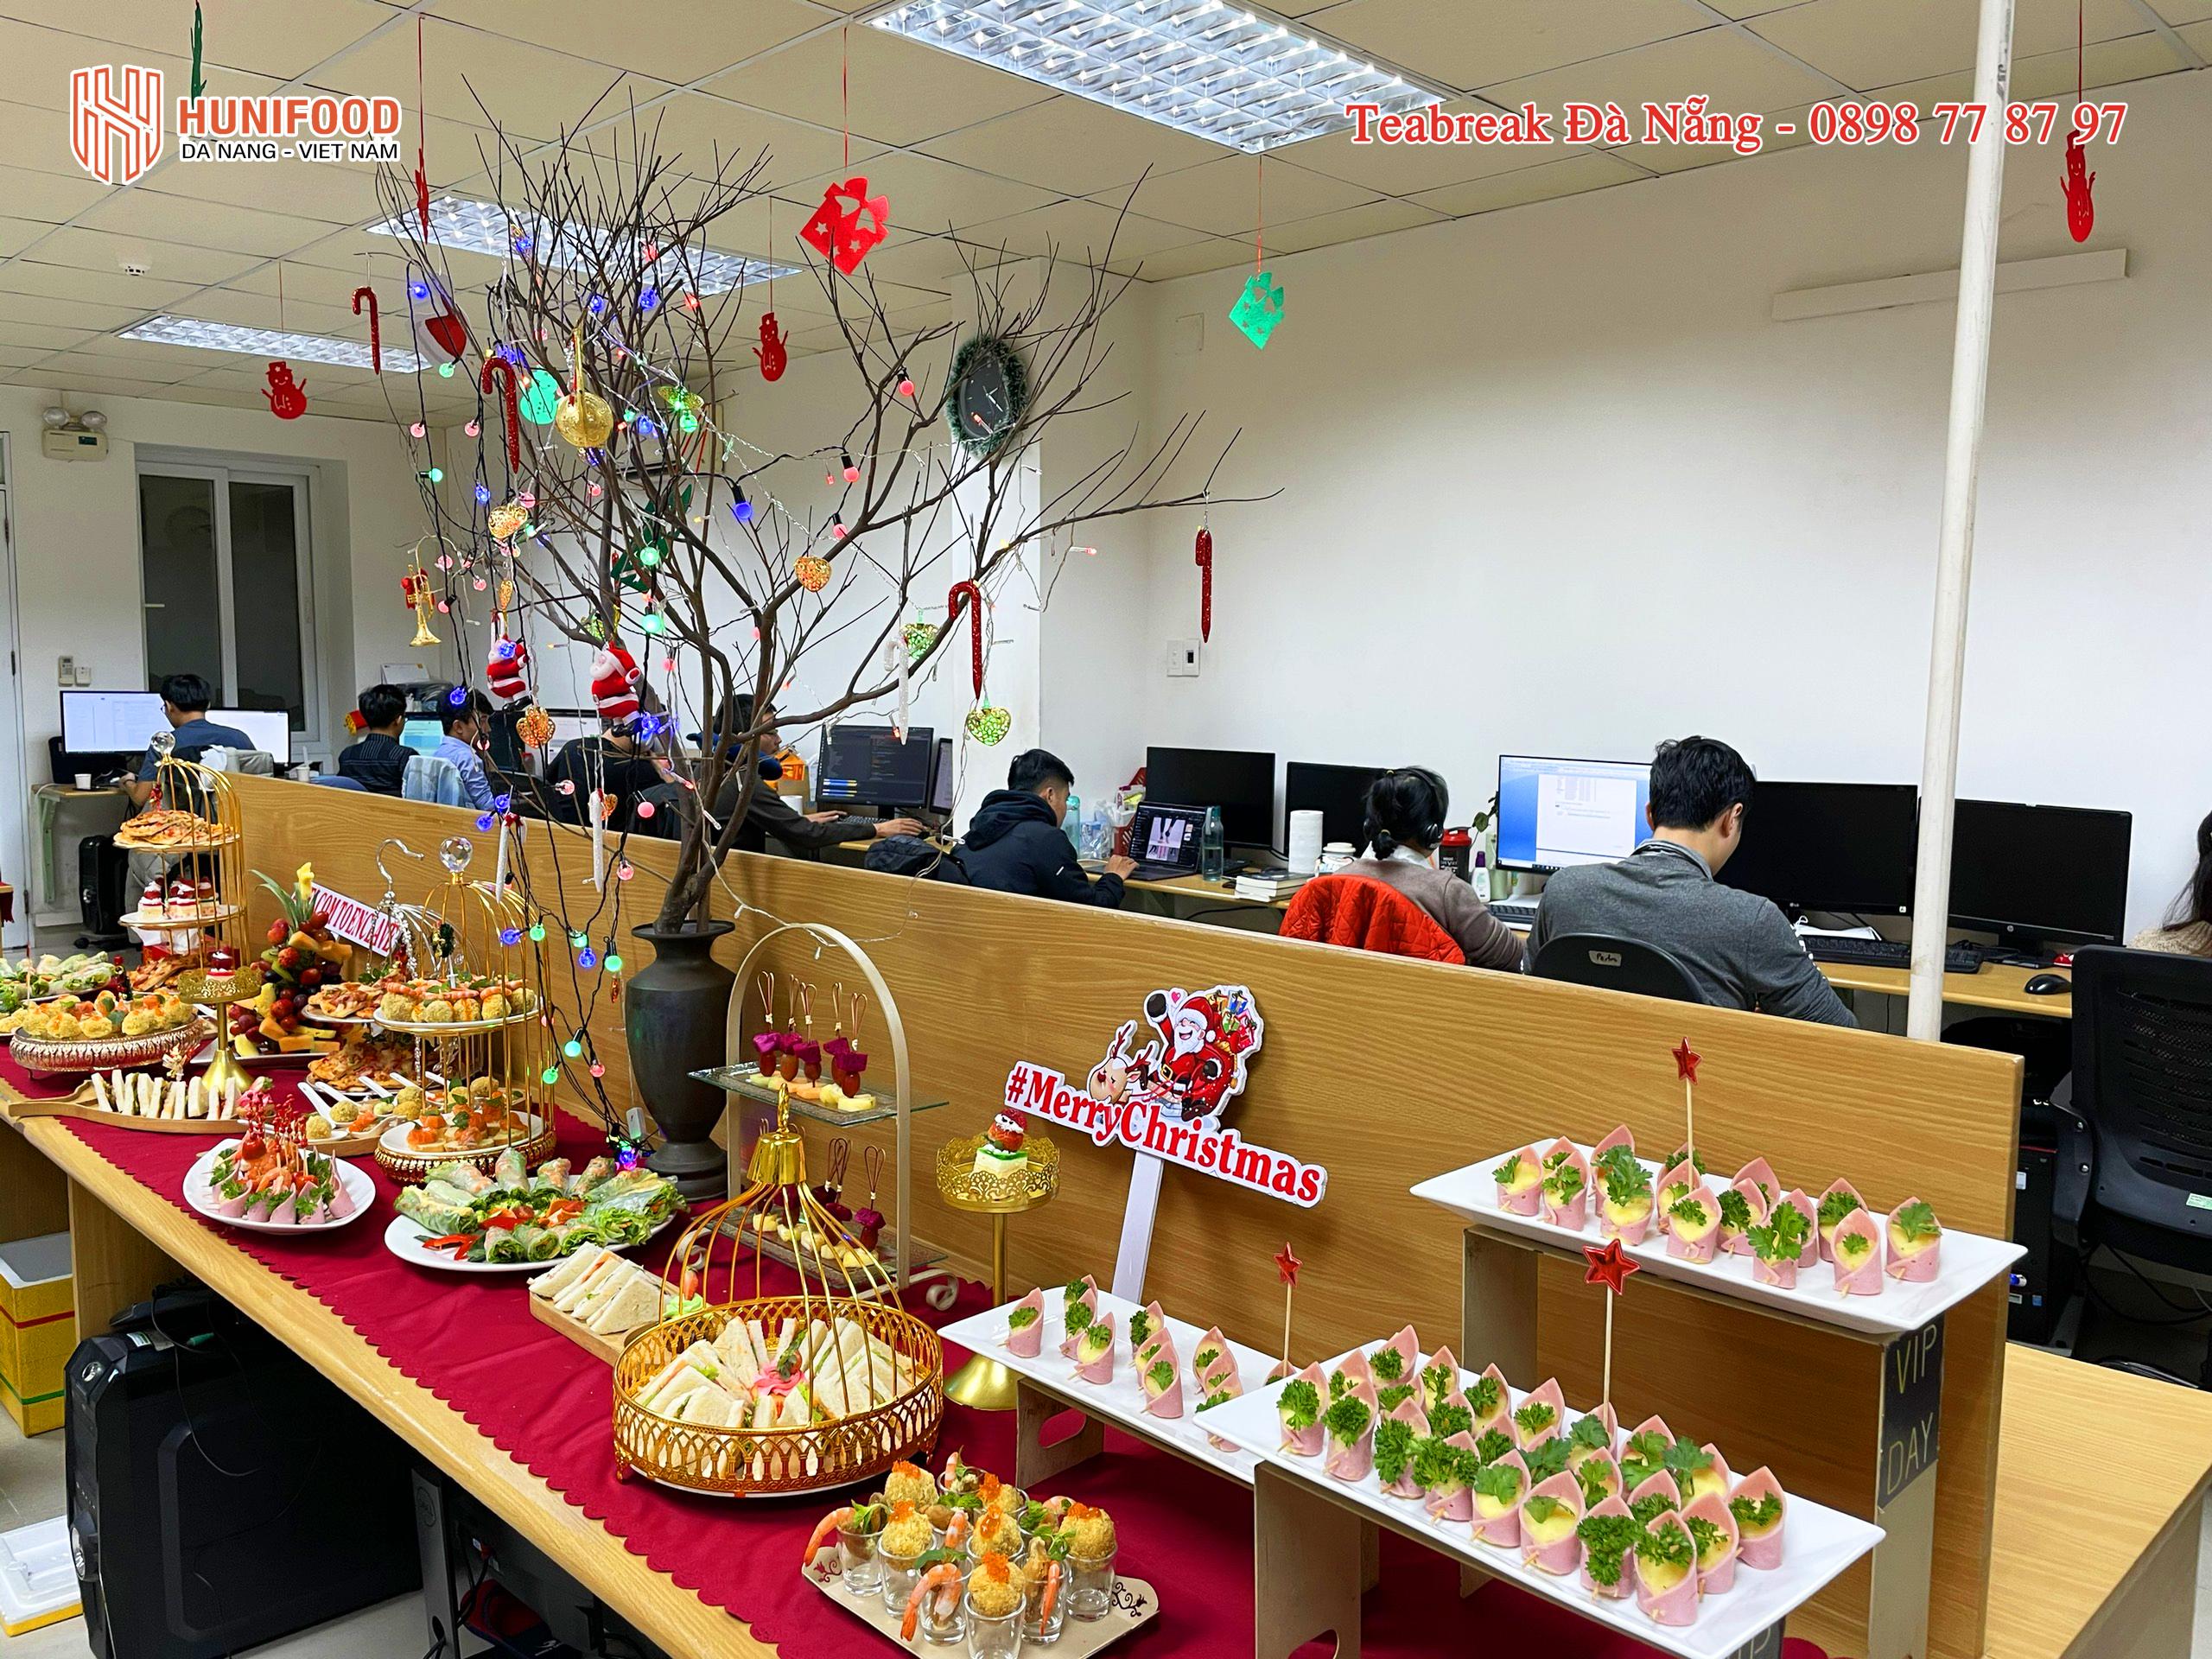 Tiệc Finger Food mùa giáng sinh tại Đà Nẵng